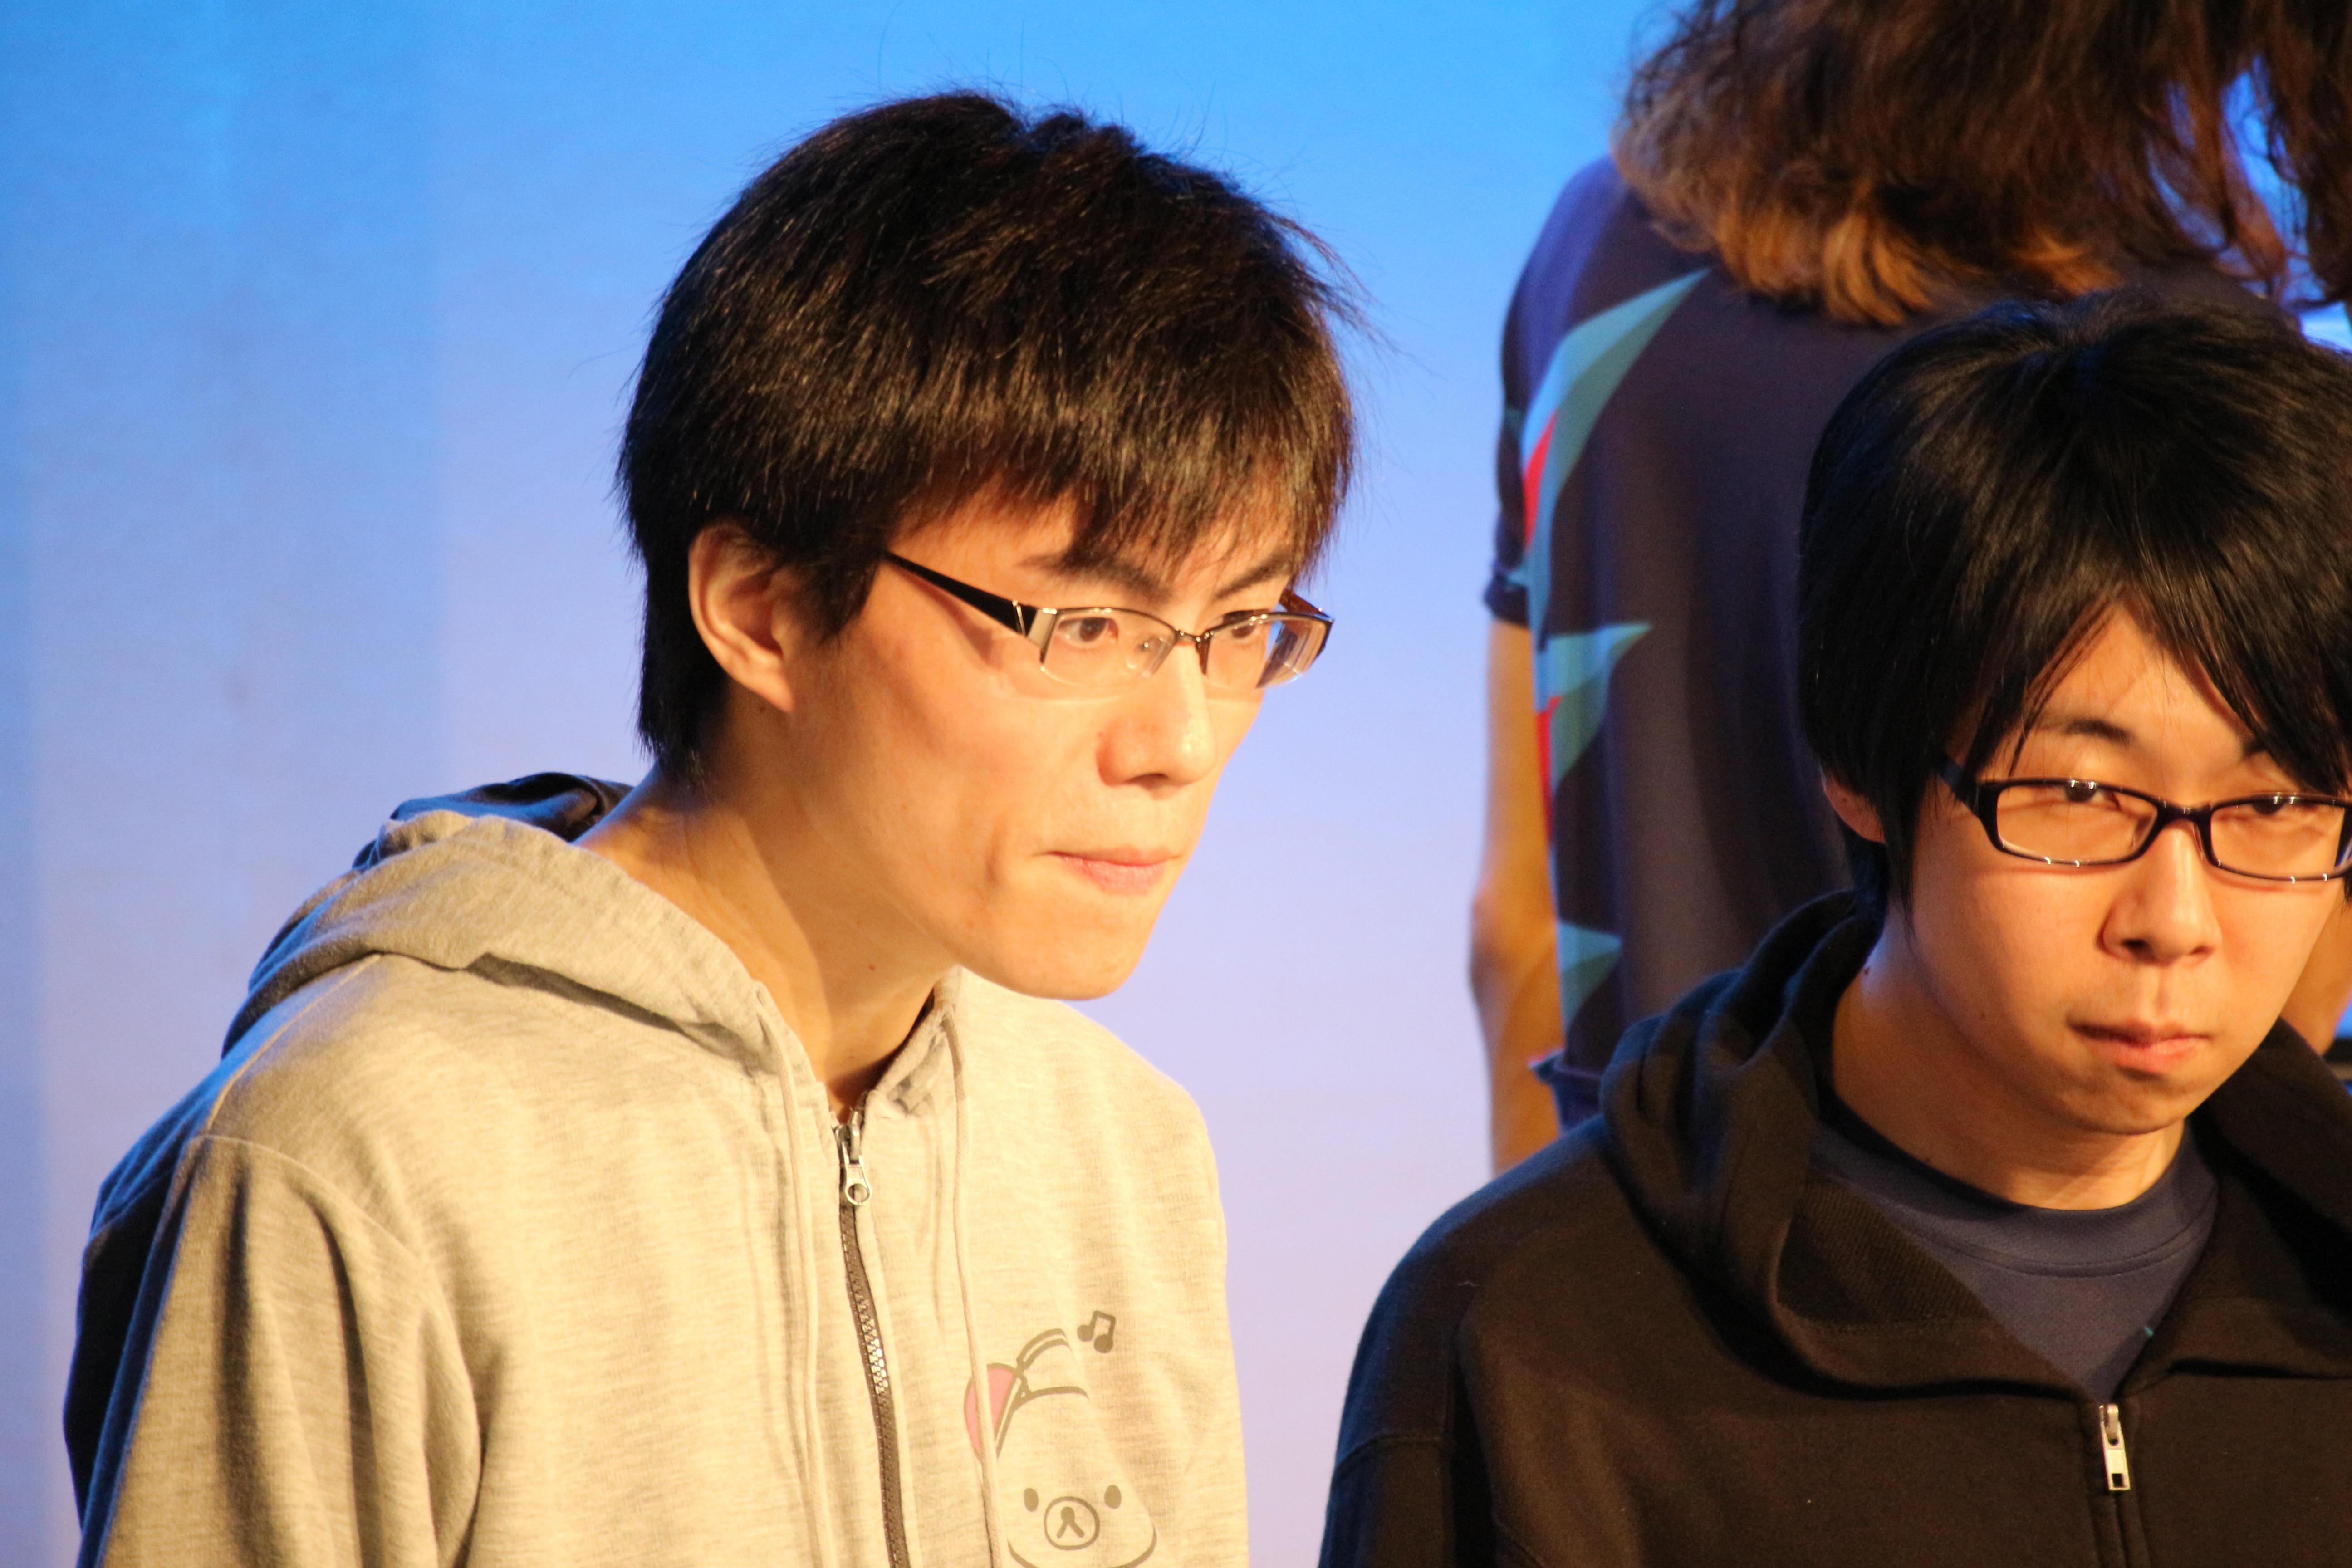 http://news.yoshimoto.co.jp/20180429234708-49f8c12fc5cf38d7e8559ea3b7bdf4524e1474a9.jpg